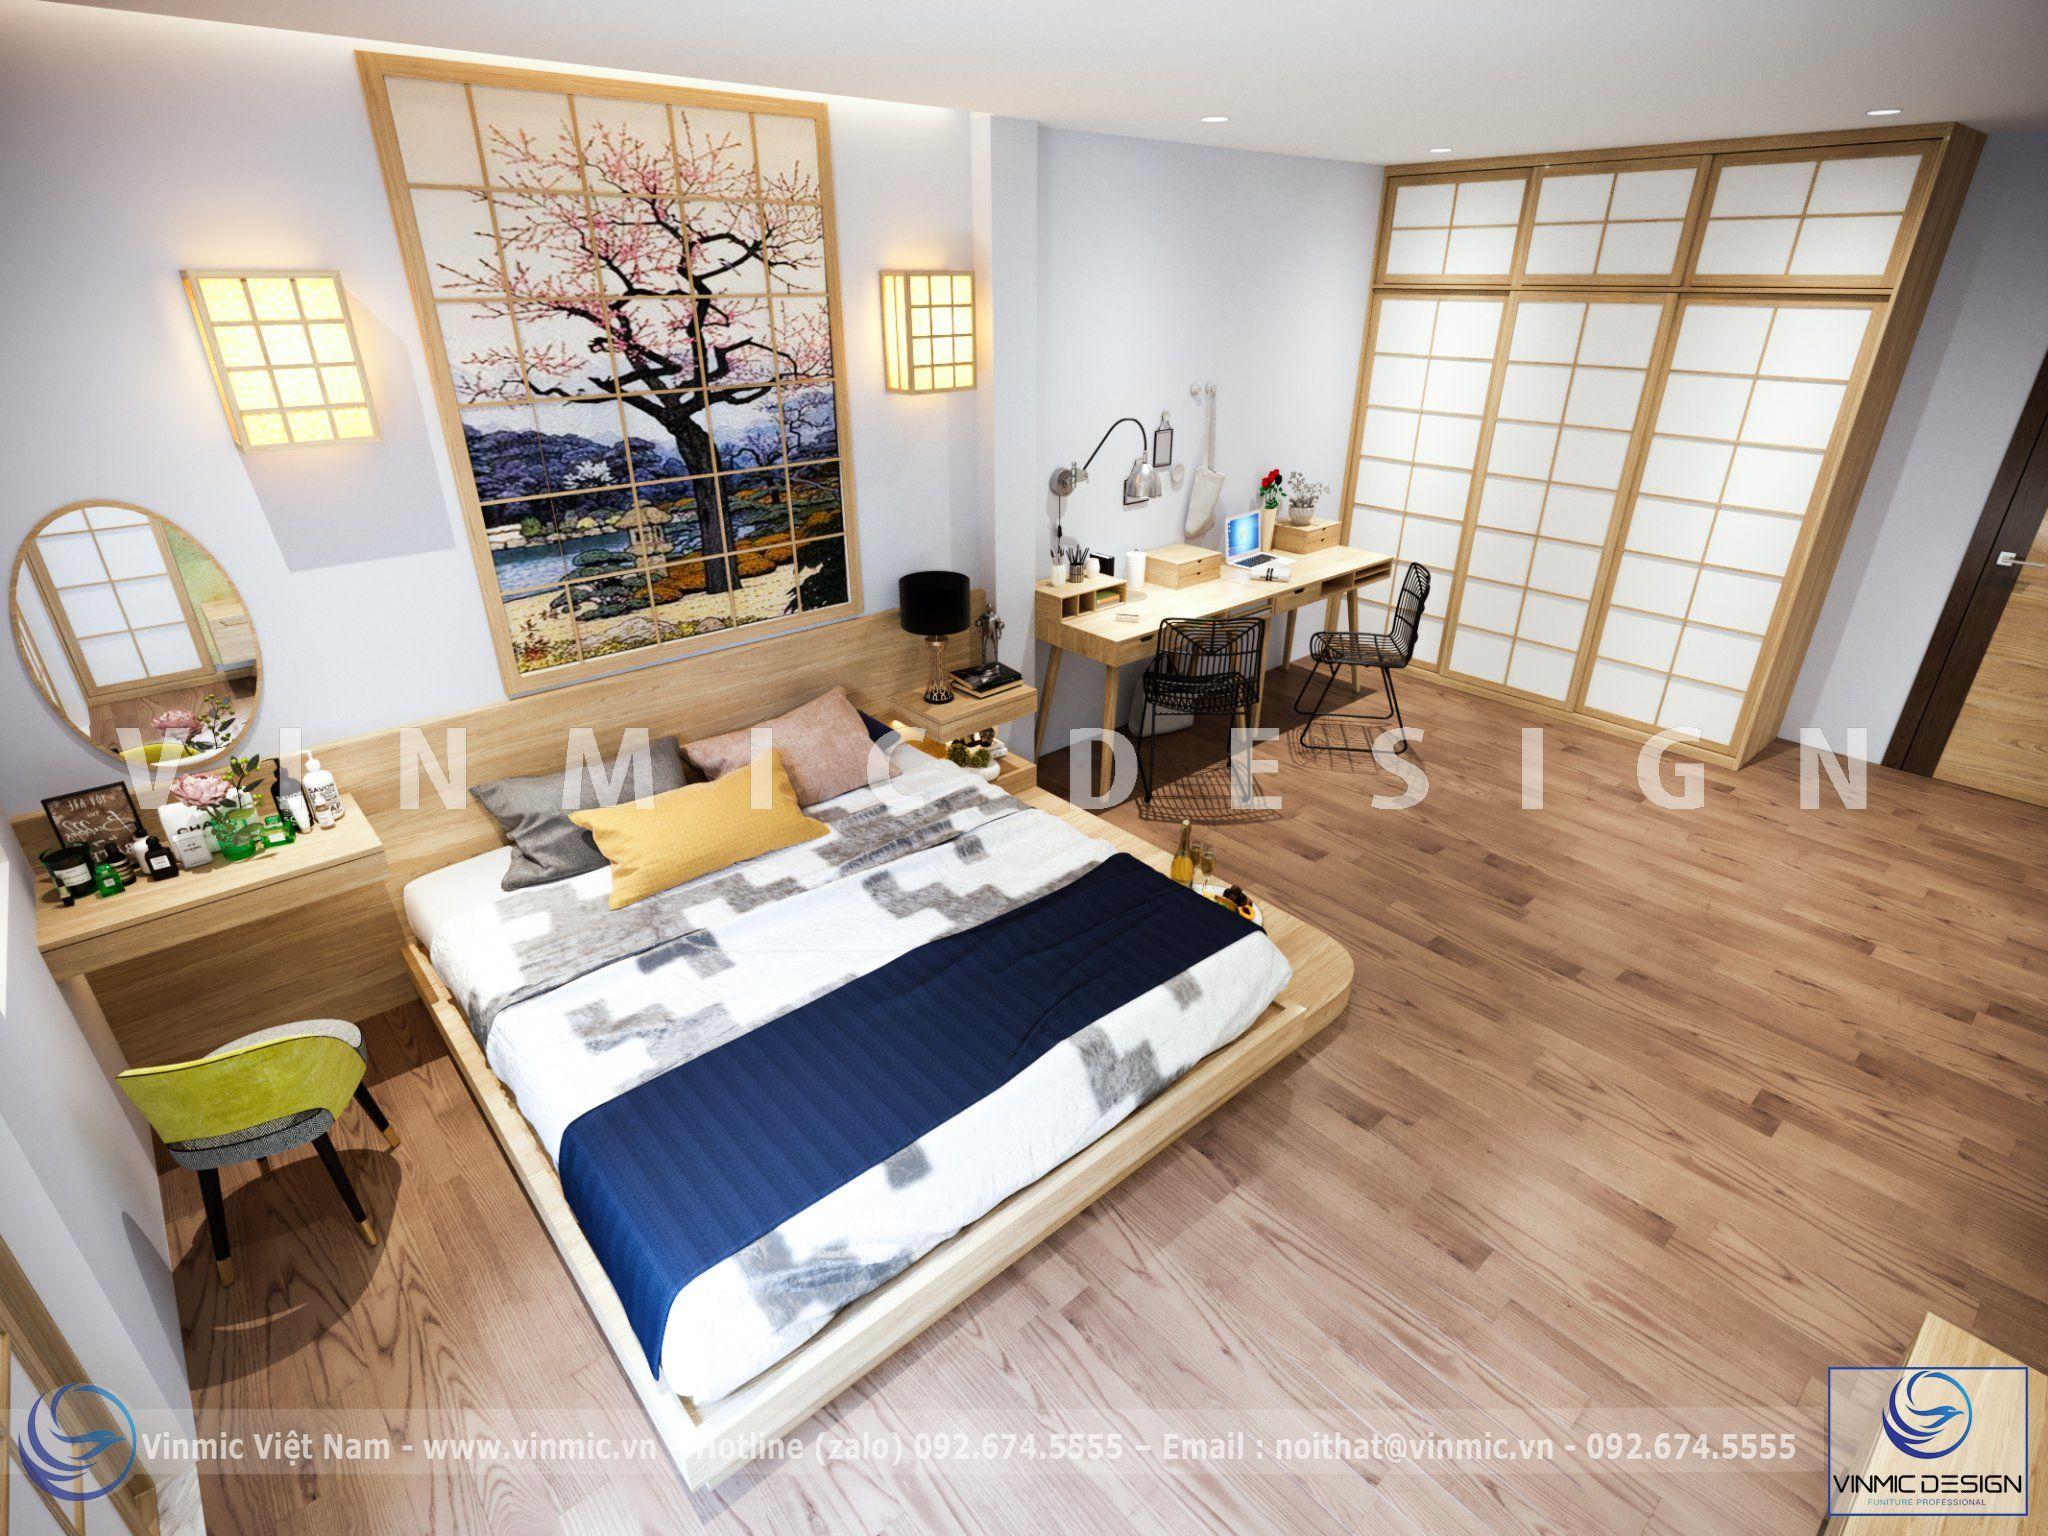 Thiết kế nội thất đẹp phong cách Nhật Bản